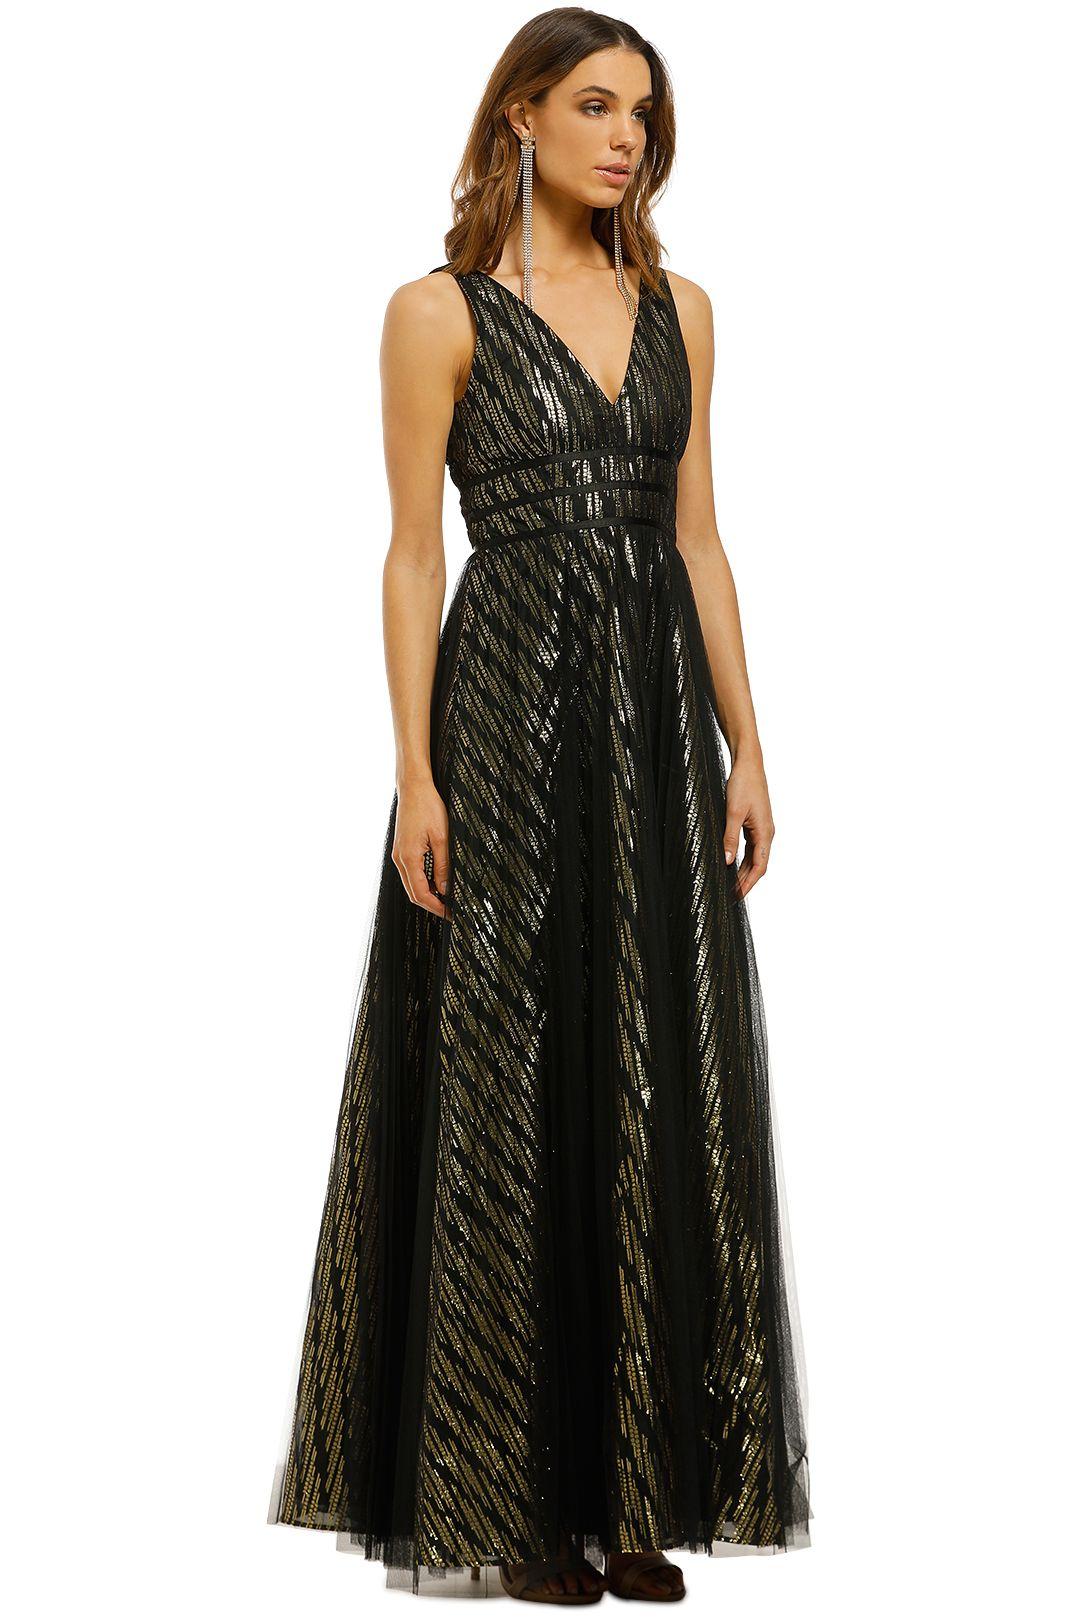 Montique-Mirabella-Lurex-Gown-Black-Gold-Side